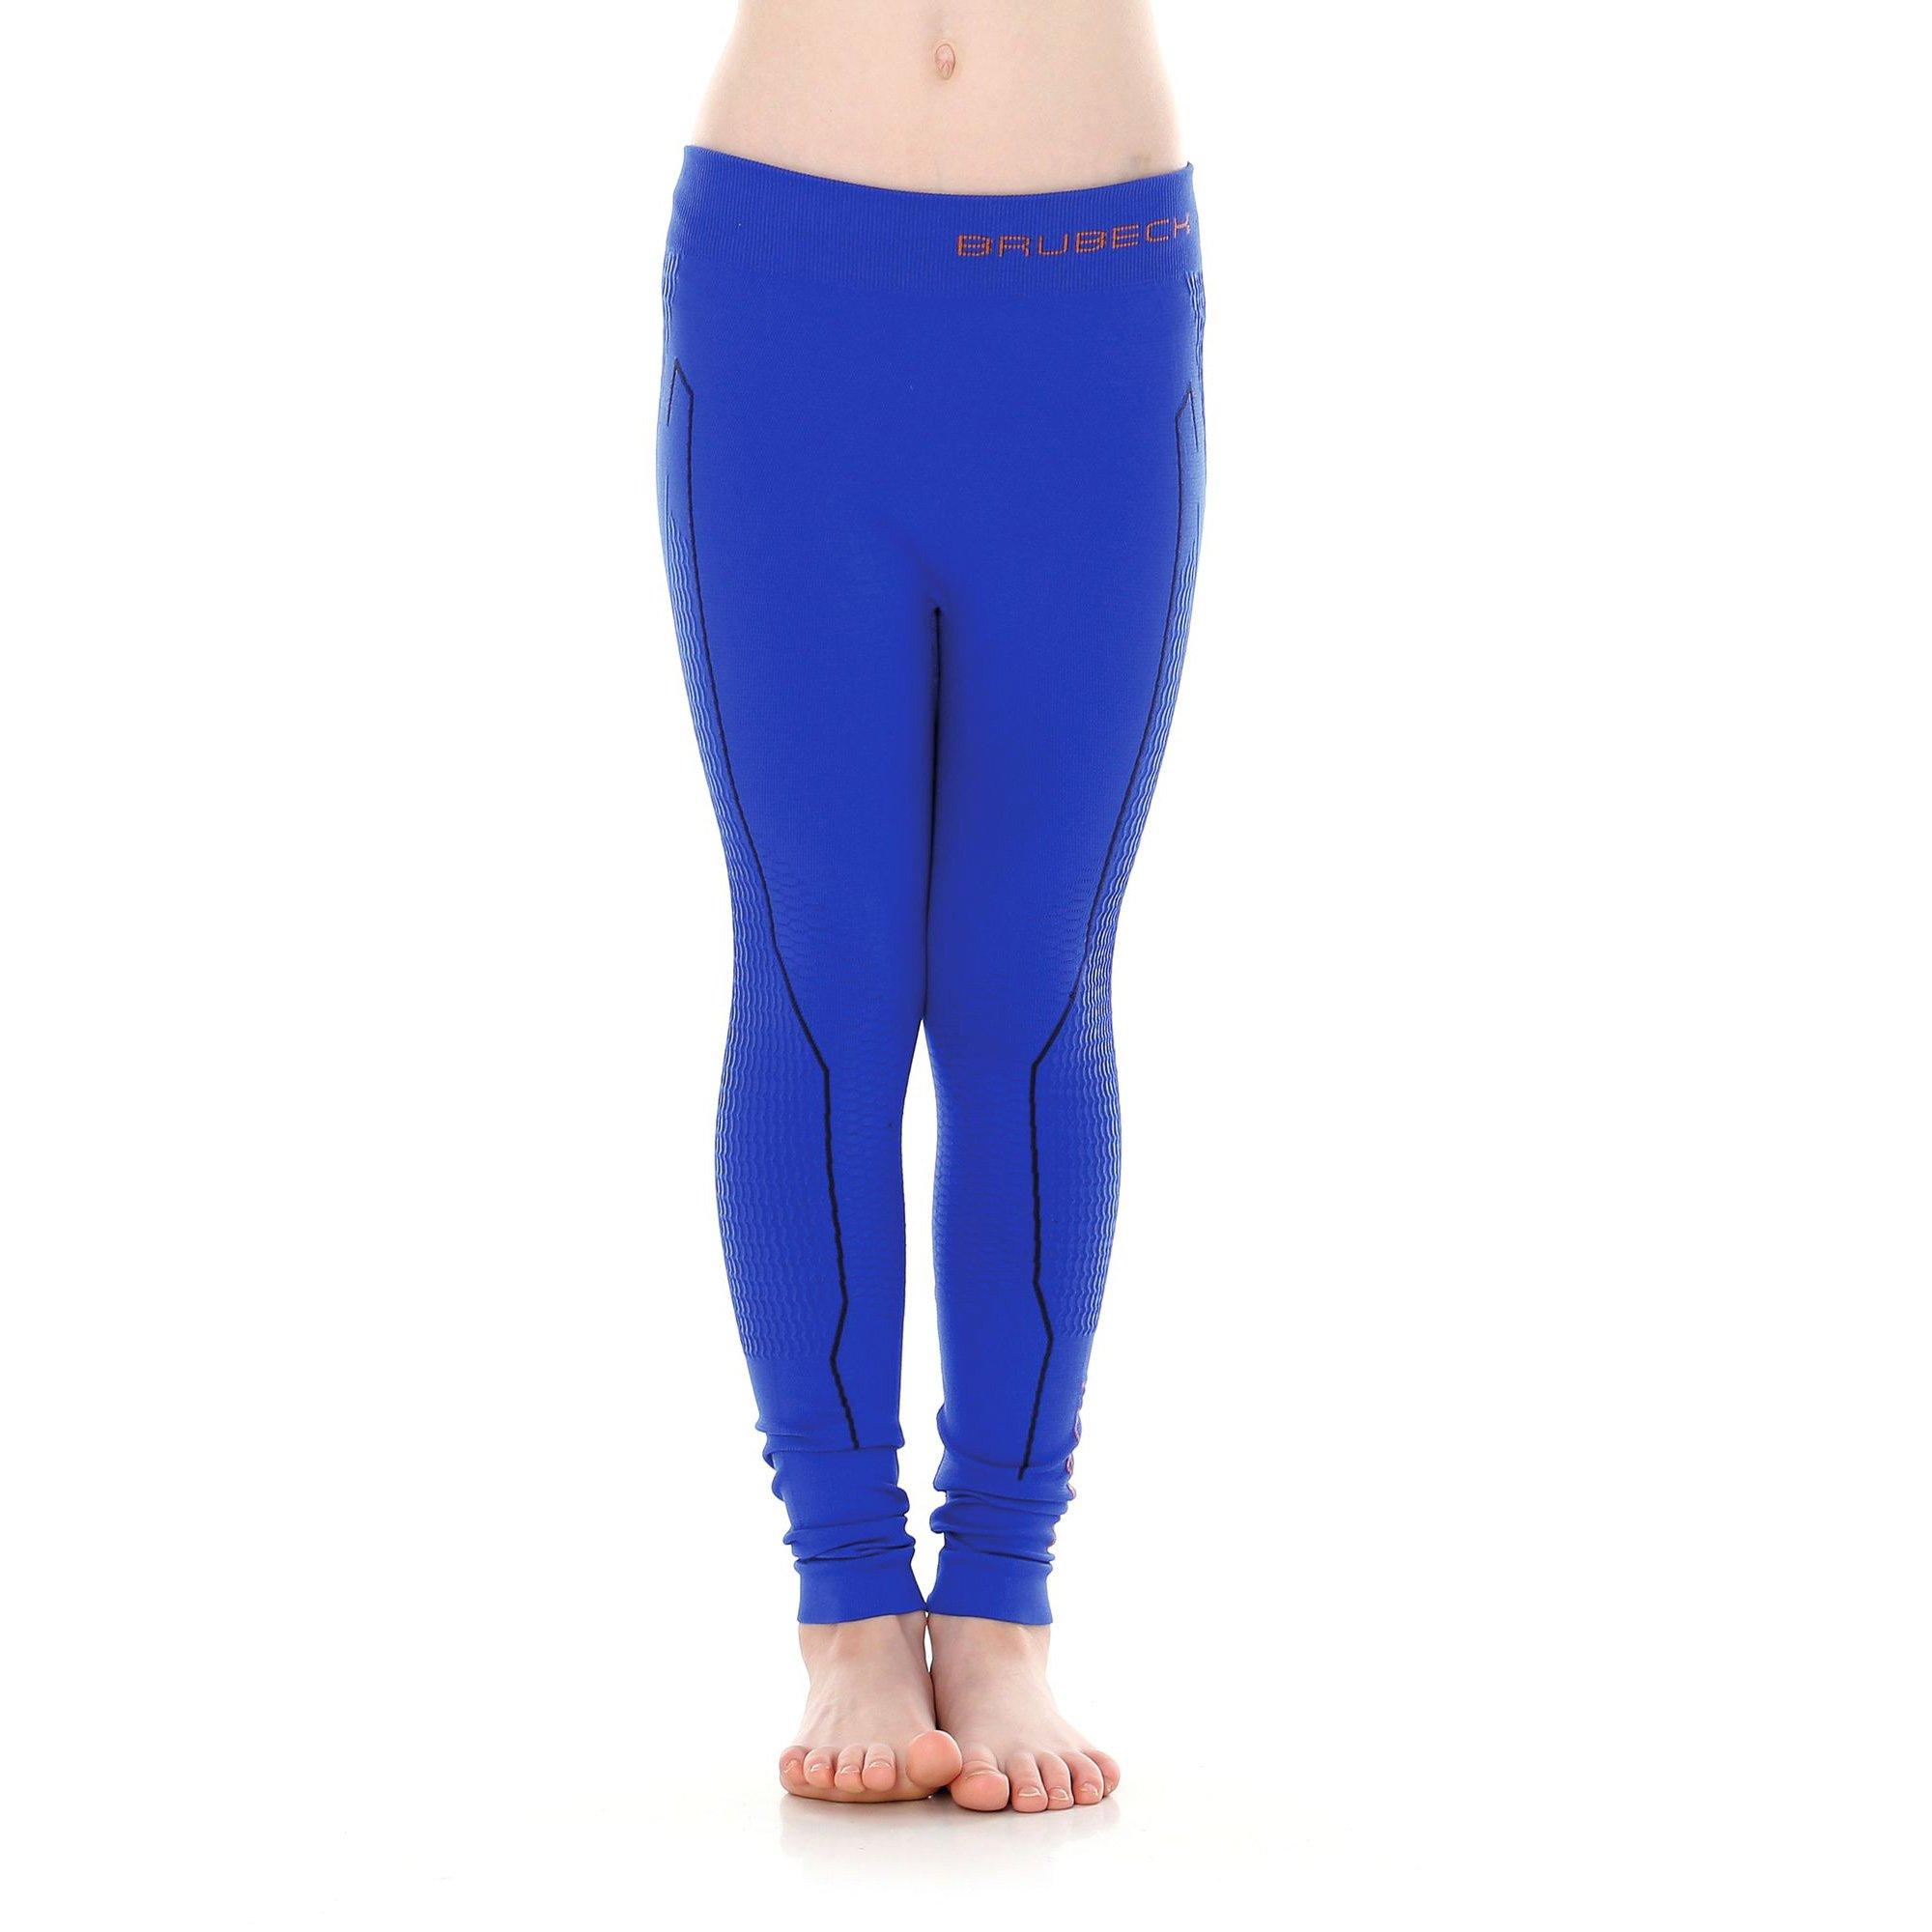 83bf7e35361517 ... Spodnie dziewczęce Brubeck THERMO Junior Długie legginsy termoaktywne  ...